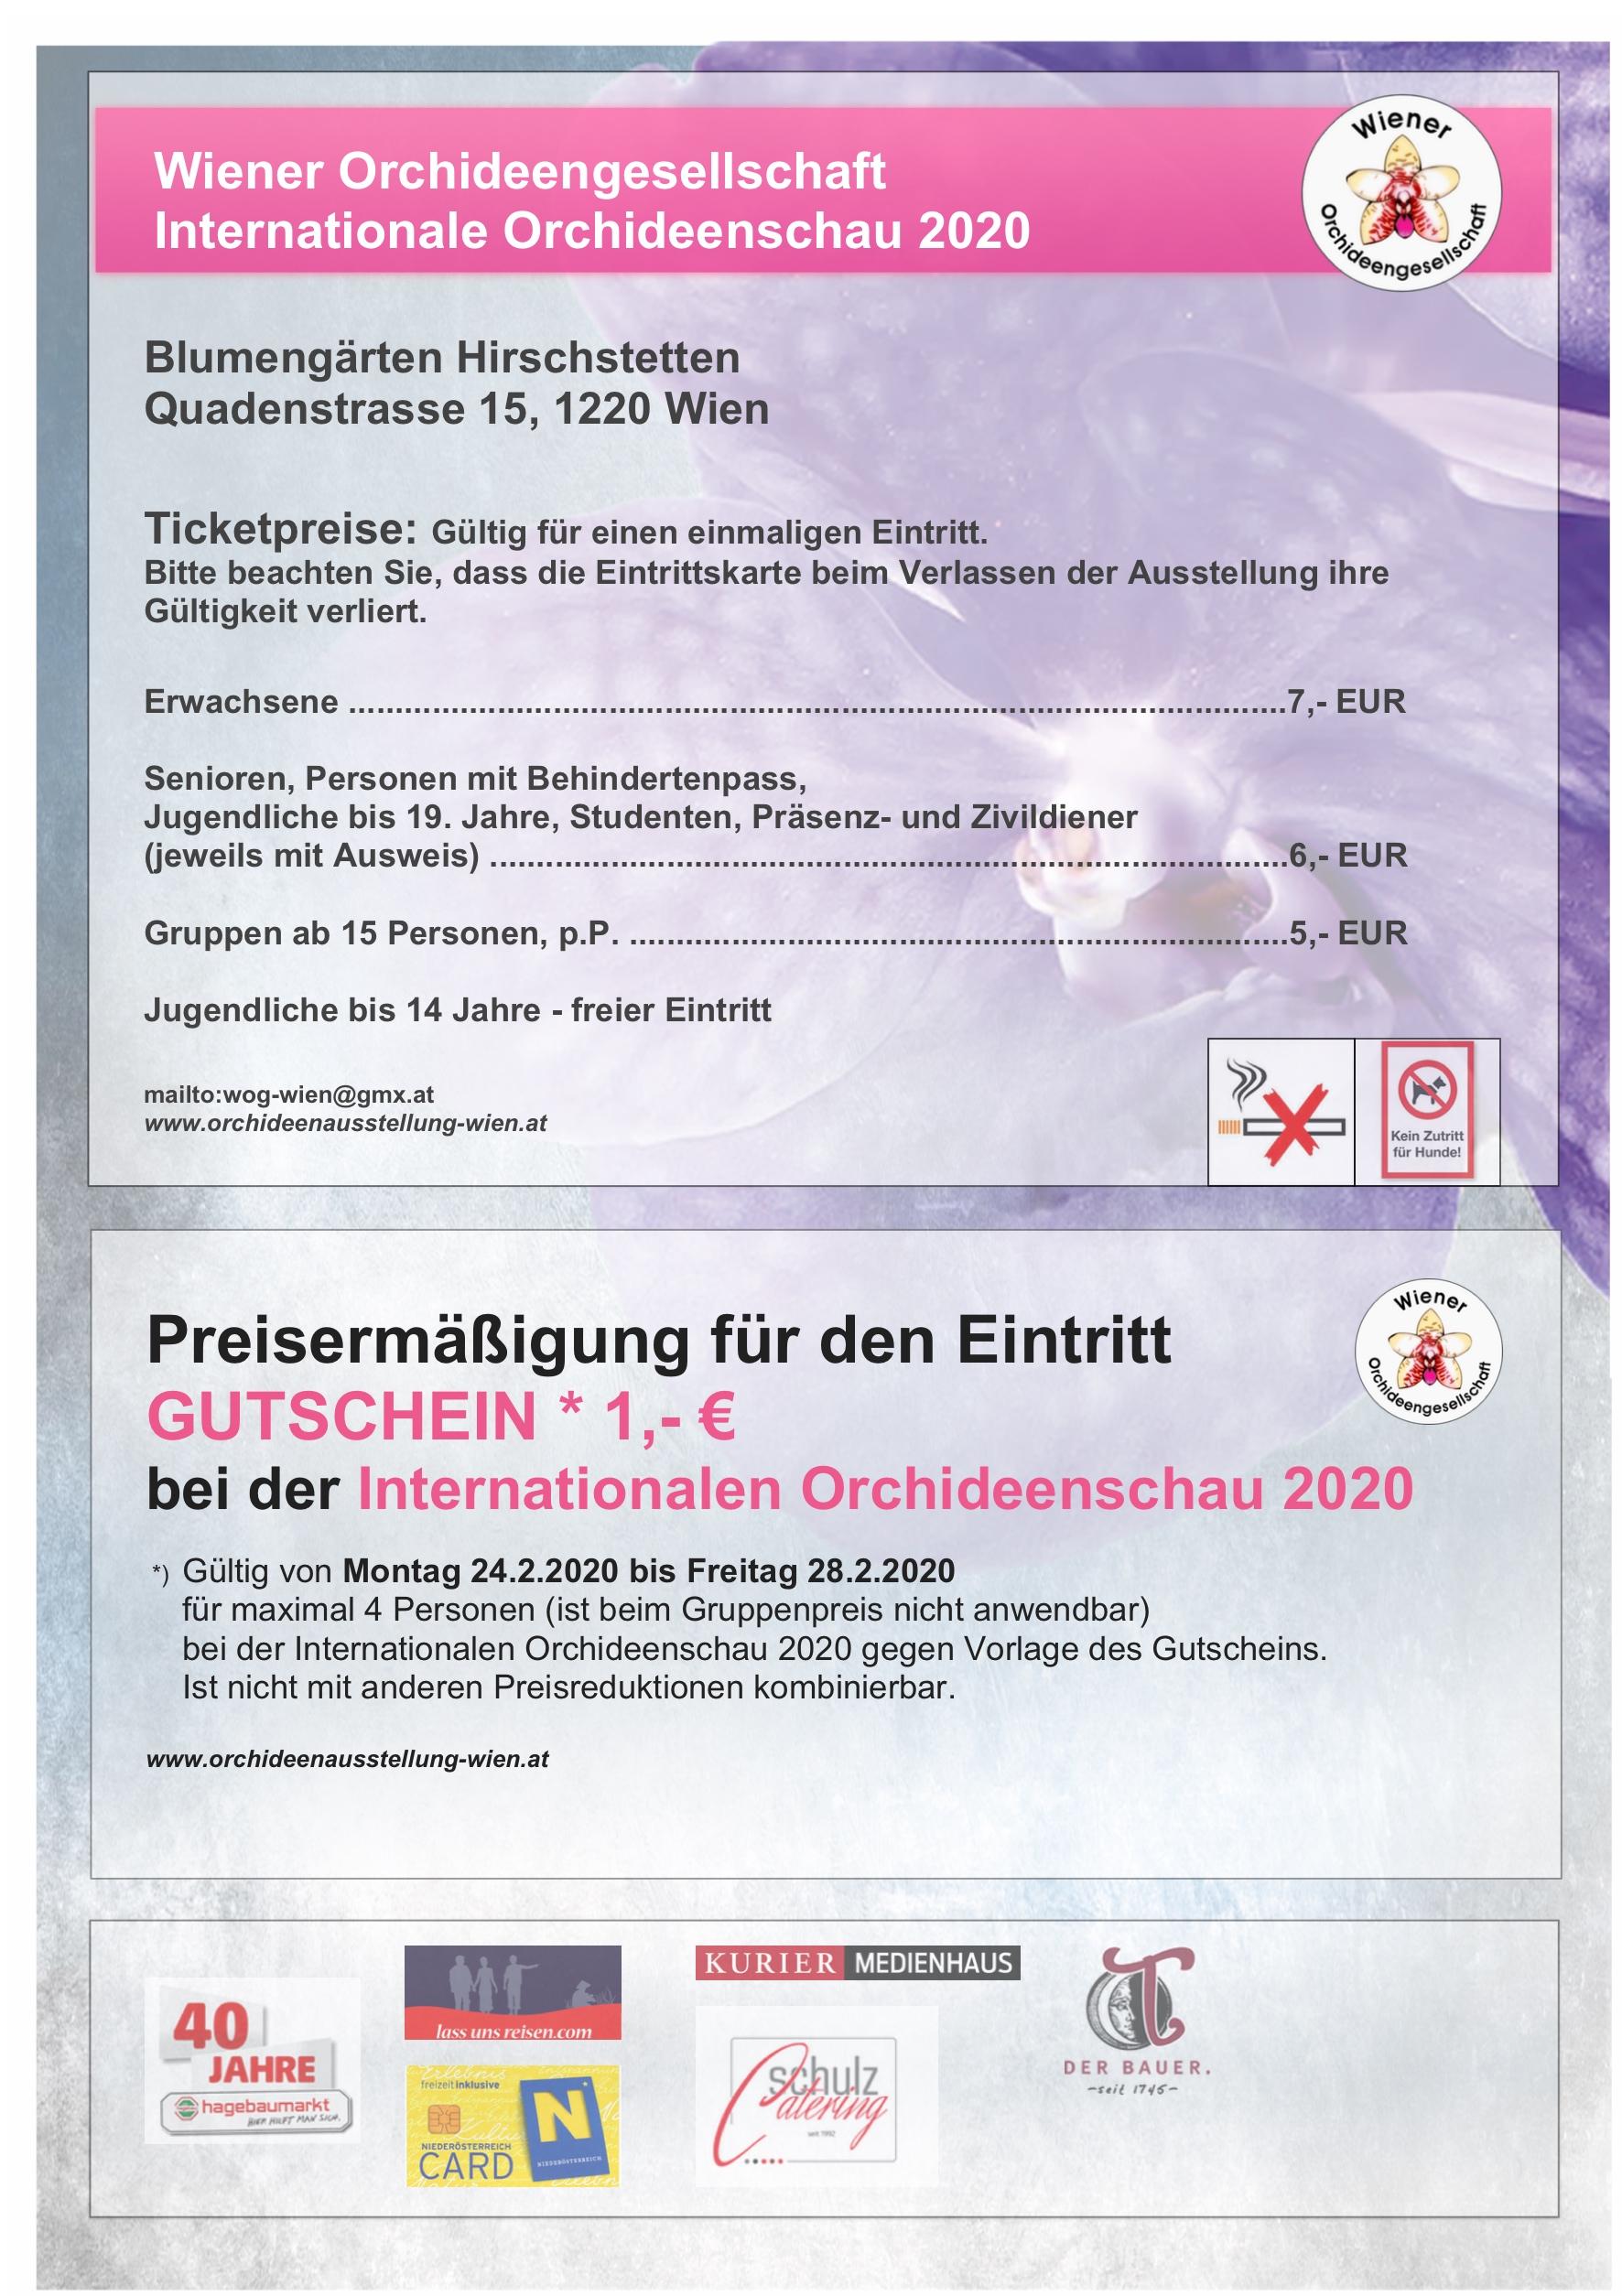 2-Poster-A5_jpg_2020g_4-flyer-RS-final